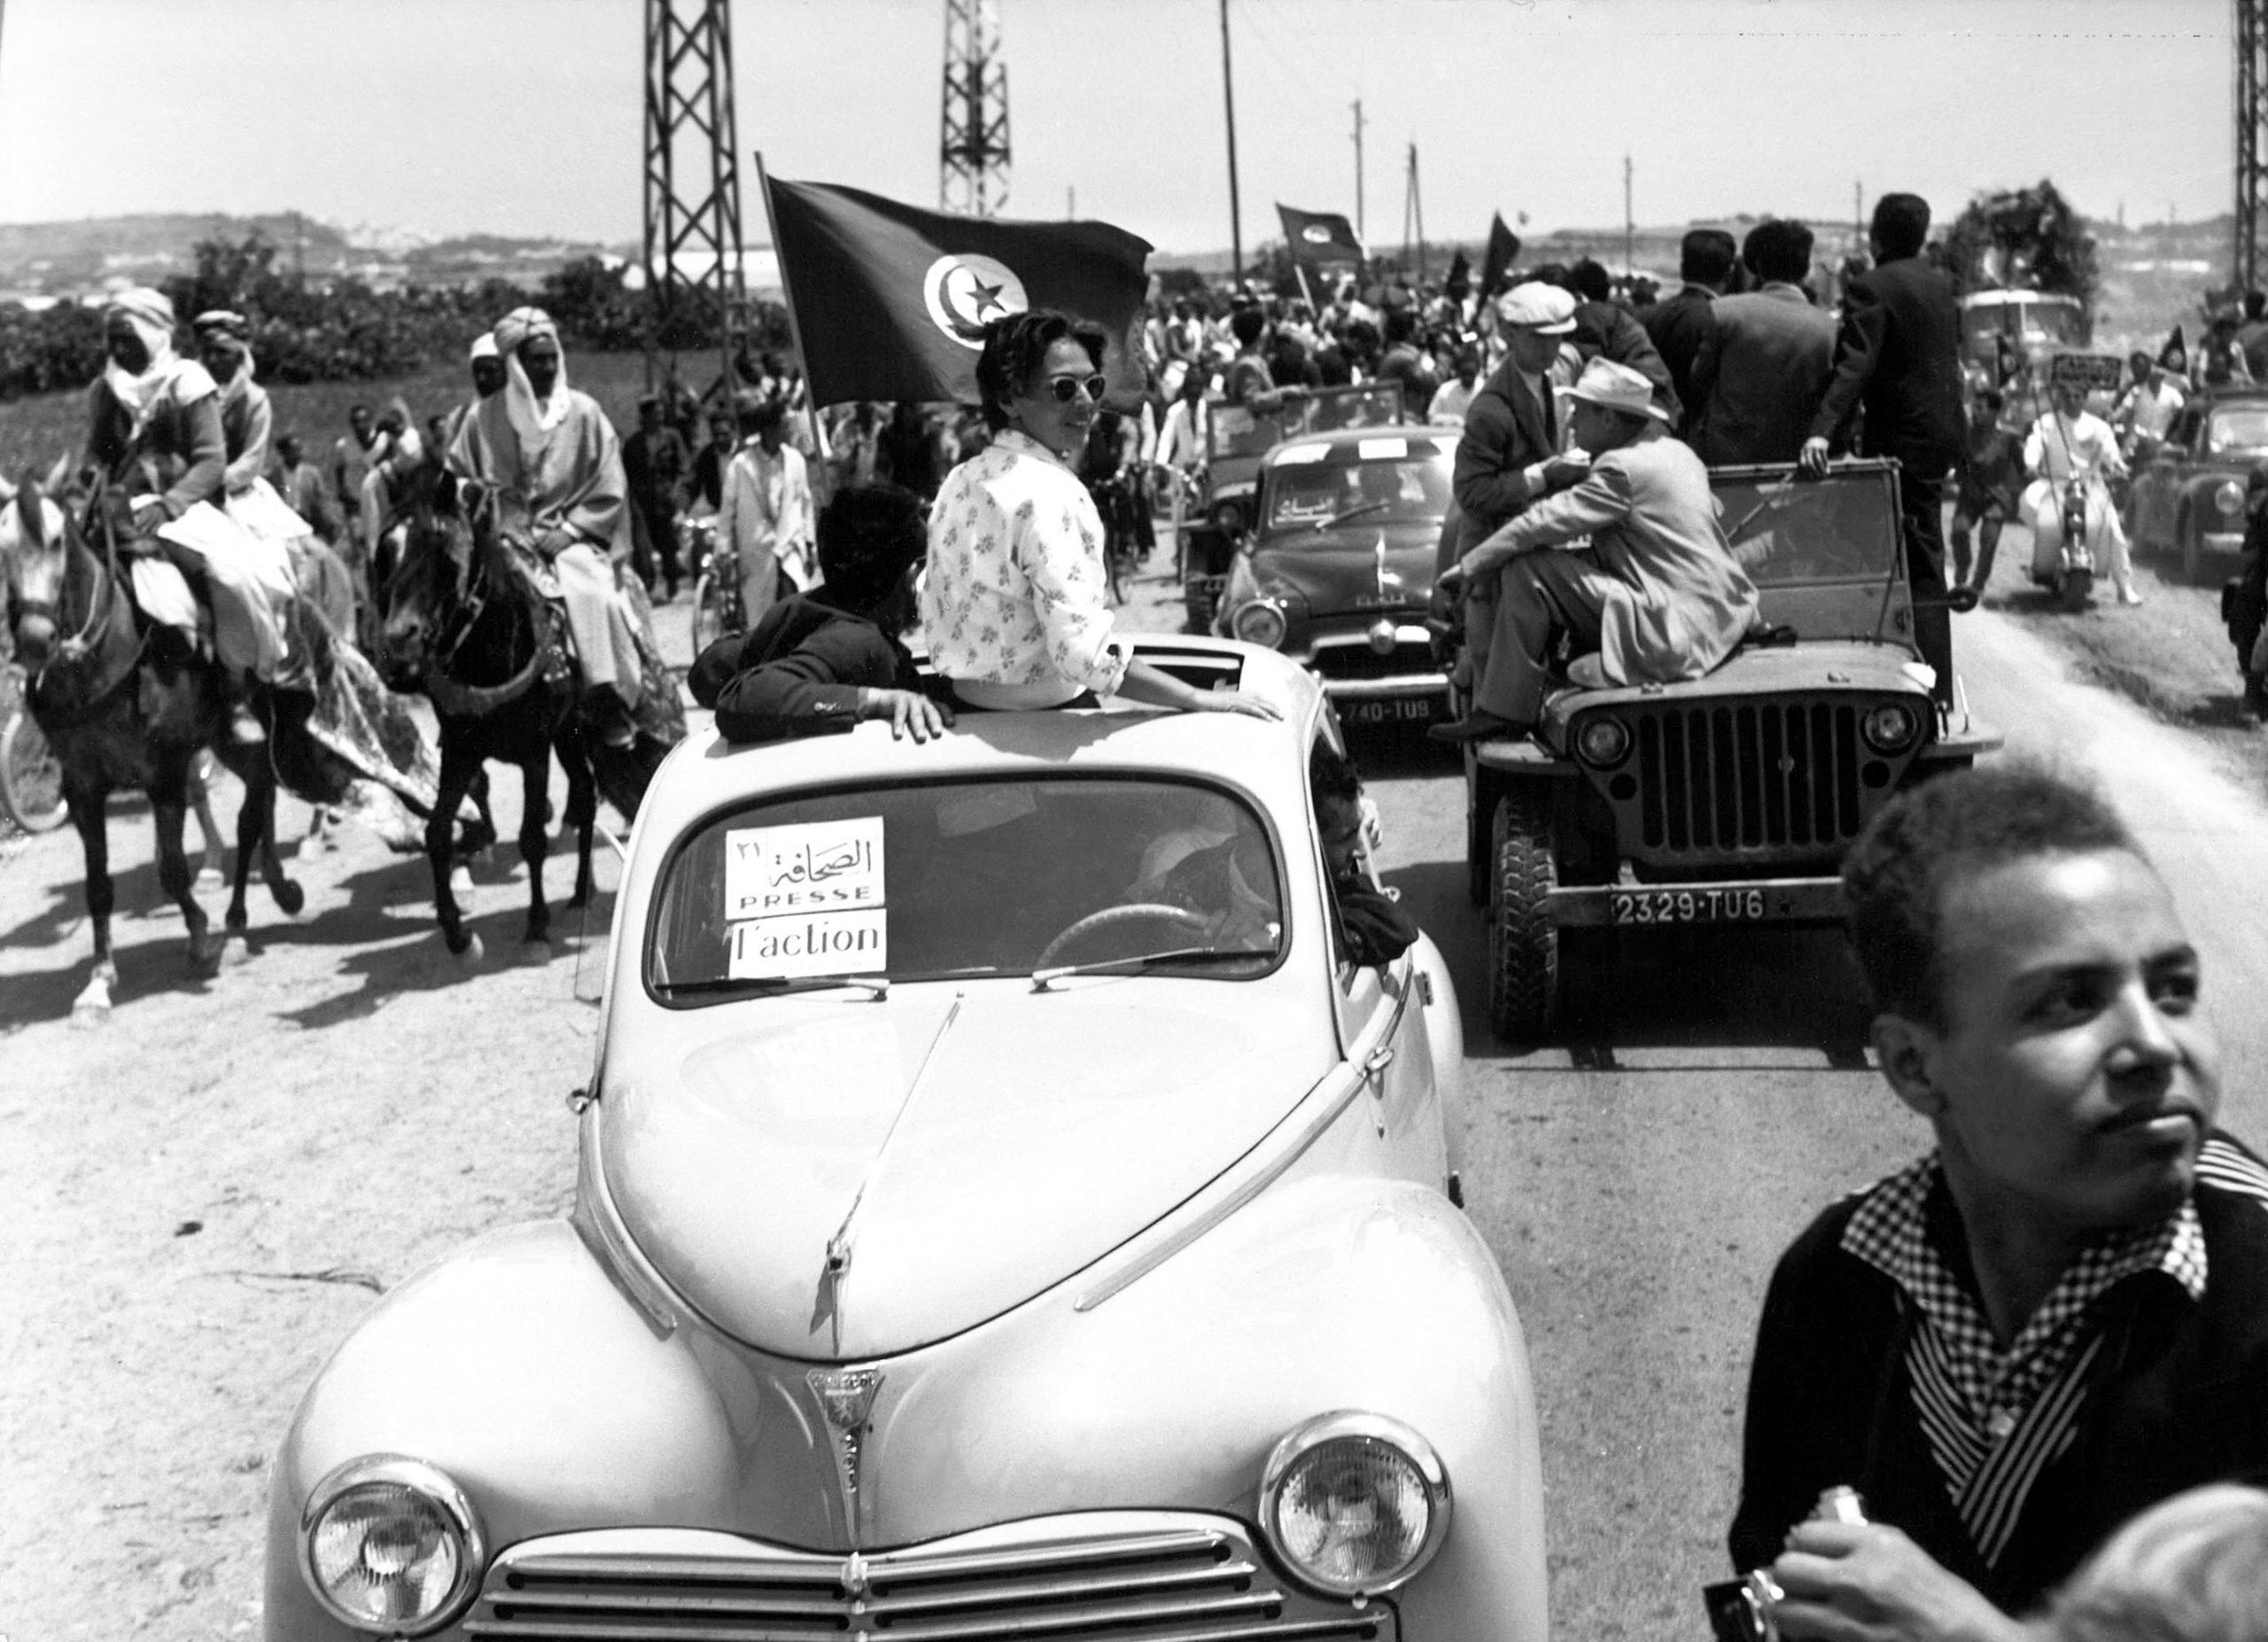 Retour triomphal de Bourguiba à Tunis, le 1er Juin 1955, et le succès du journal L'Action.